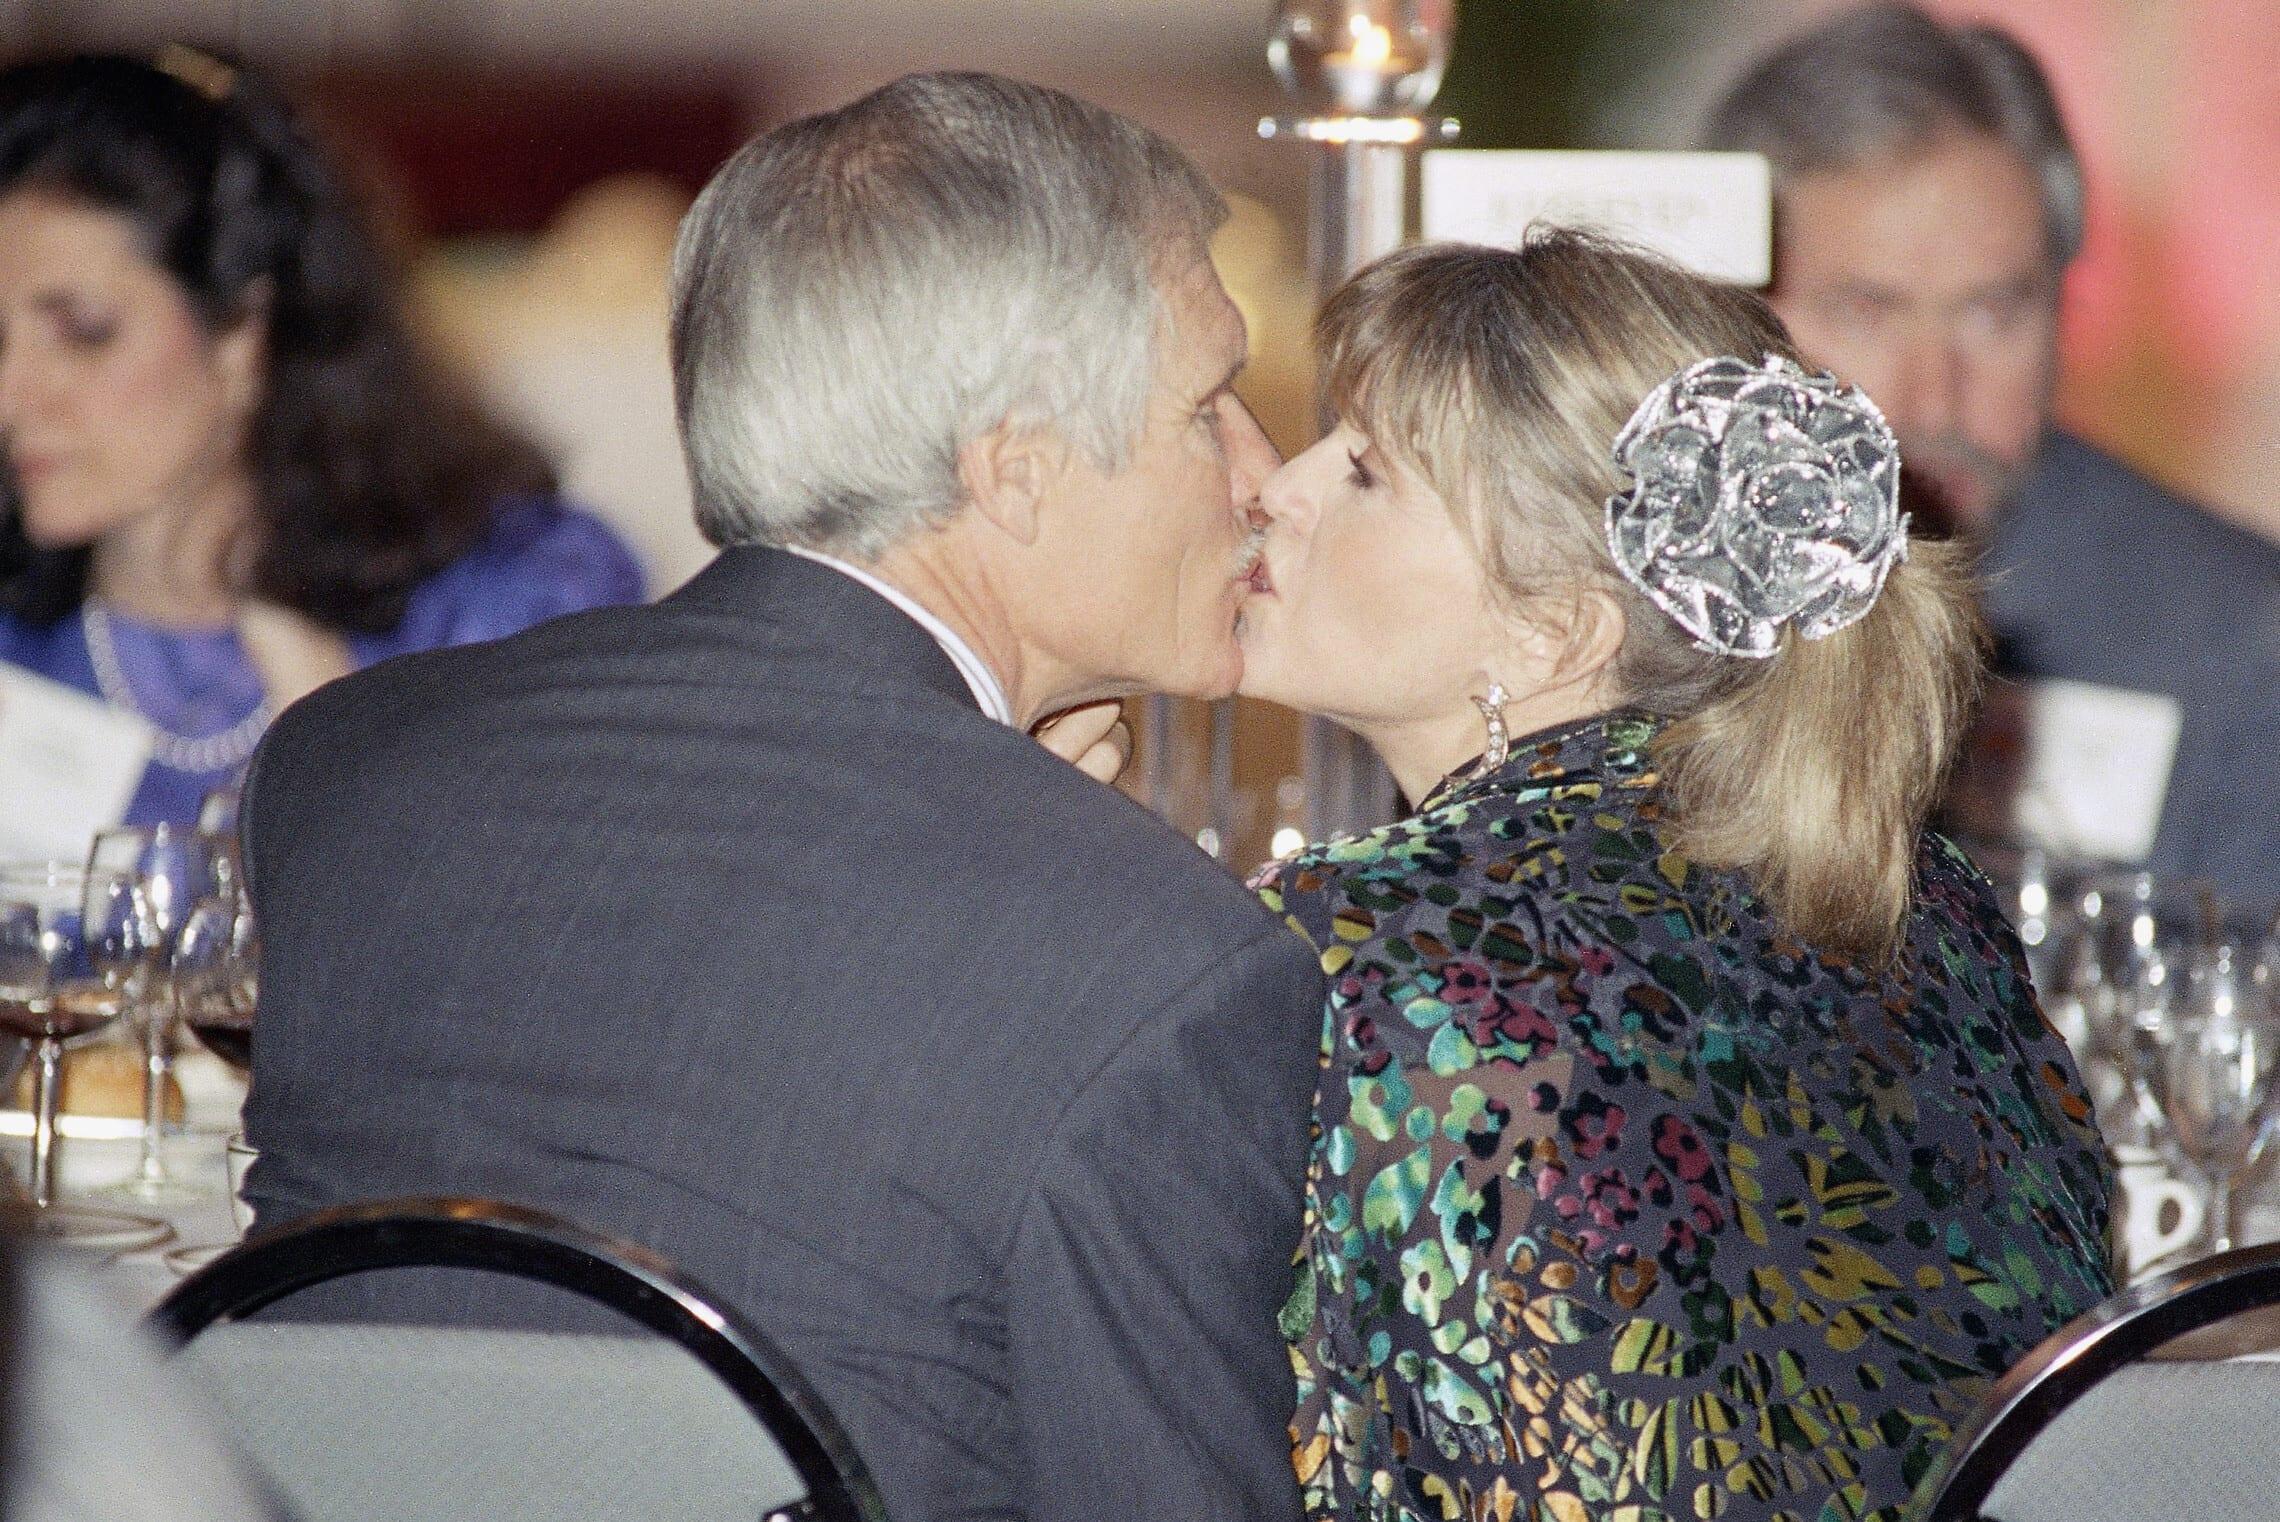 ג'יין פונדה ובעלה אז טד טרנר, שהקים את סי-אן-אן, ב-1992 (צילום: AP Photo/Charles Kelly)